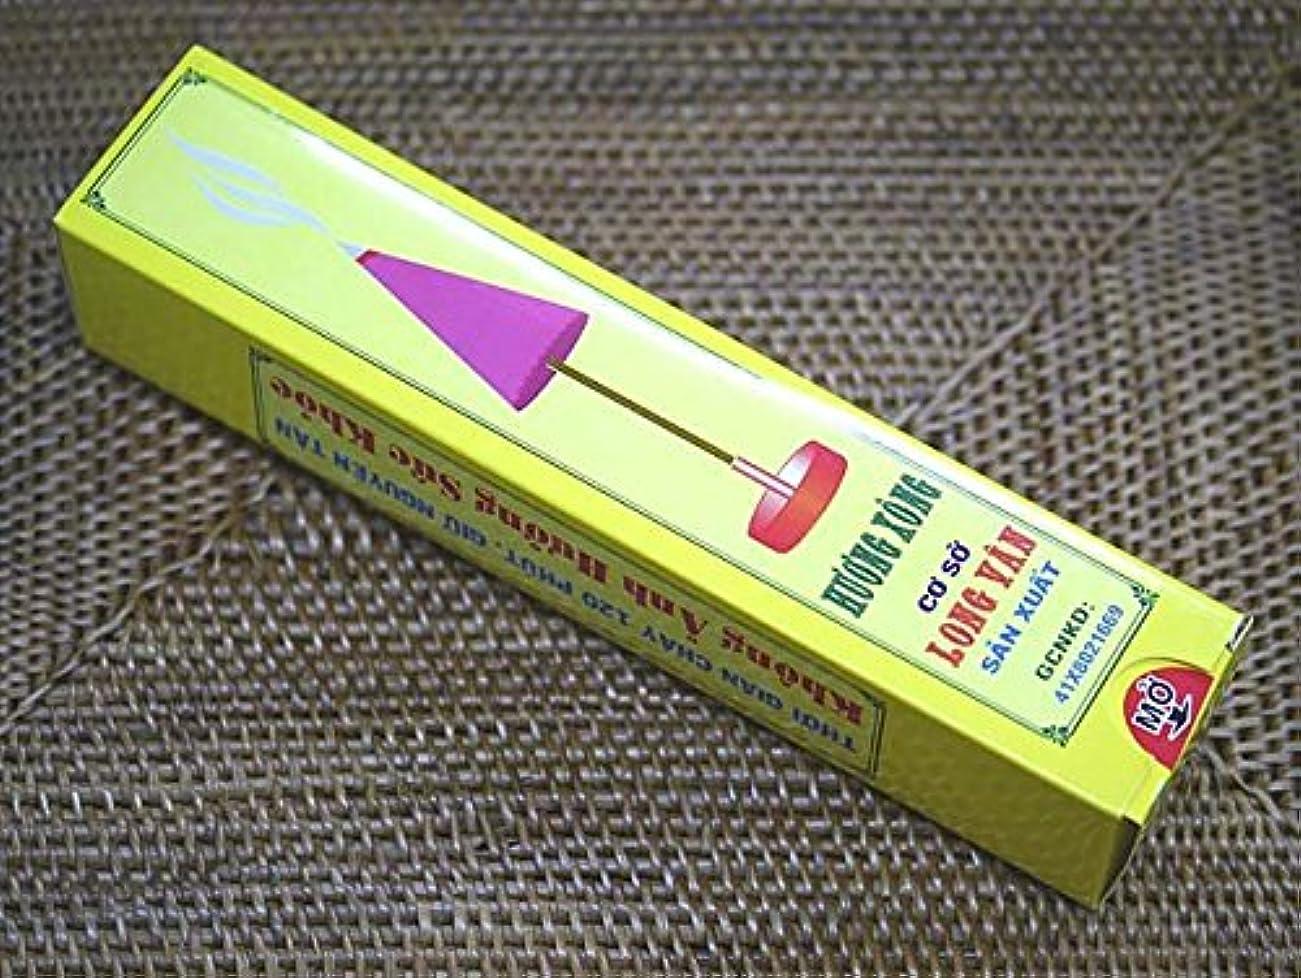 サンダース落胆するモーターVietnam Incense ベトナムのお香【浄化のお香HUONG XONG】家や店や会社など浄化を目的としたお香です ハンドメイド